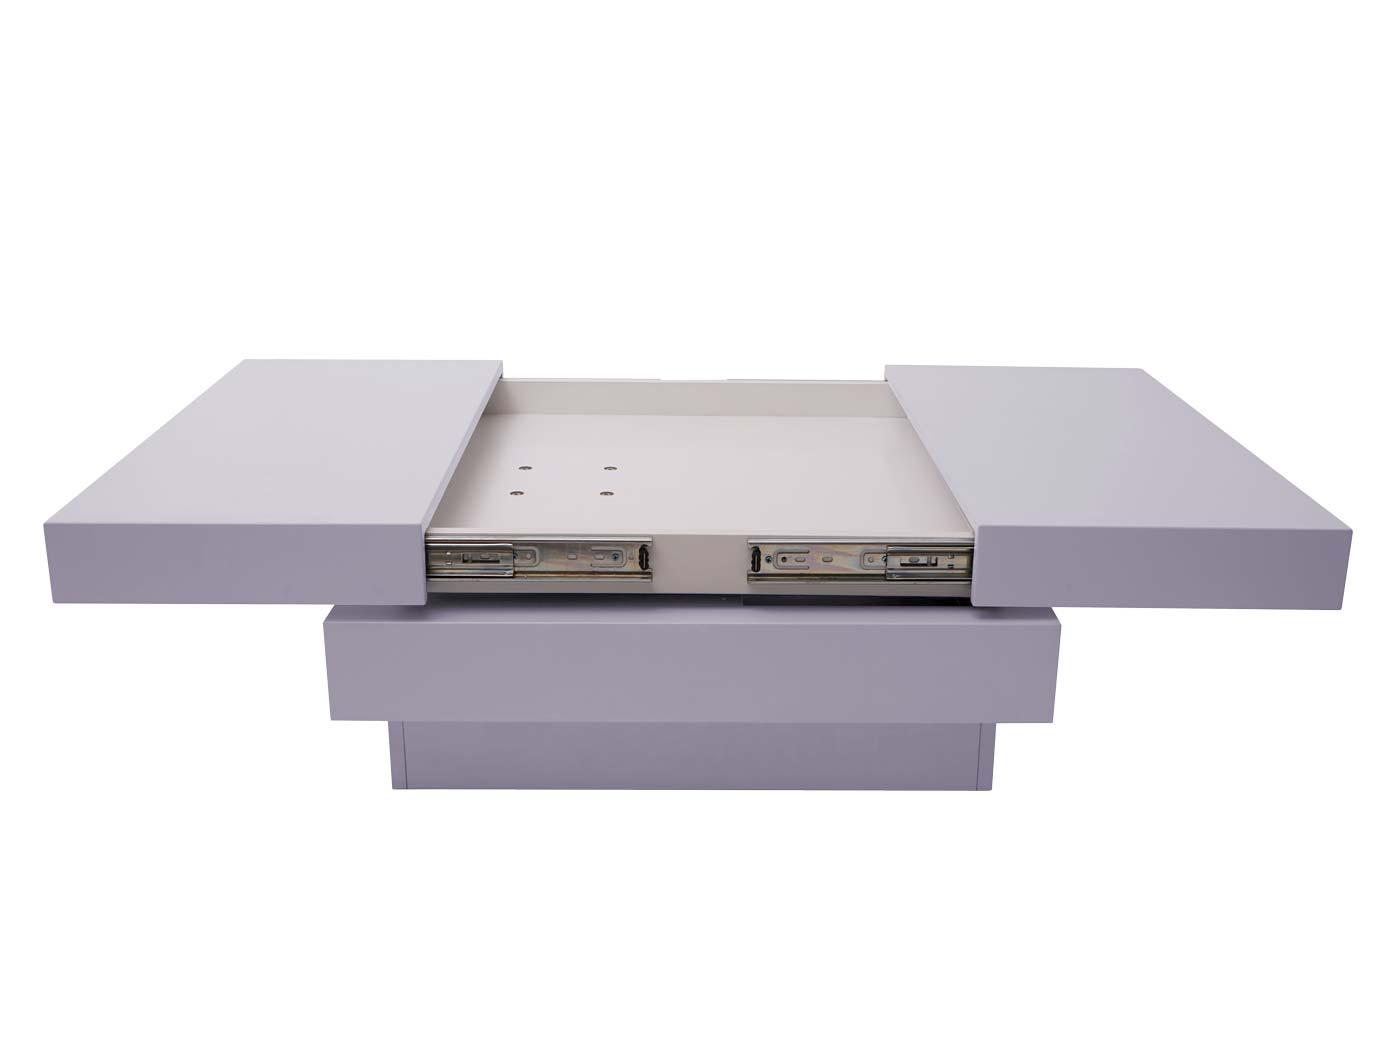 Couchtisch HWC-G83 ausziehbare Tischplatte